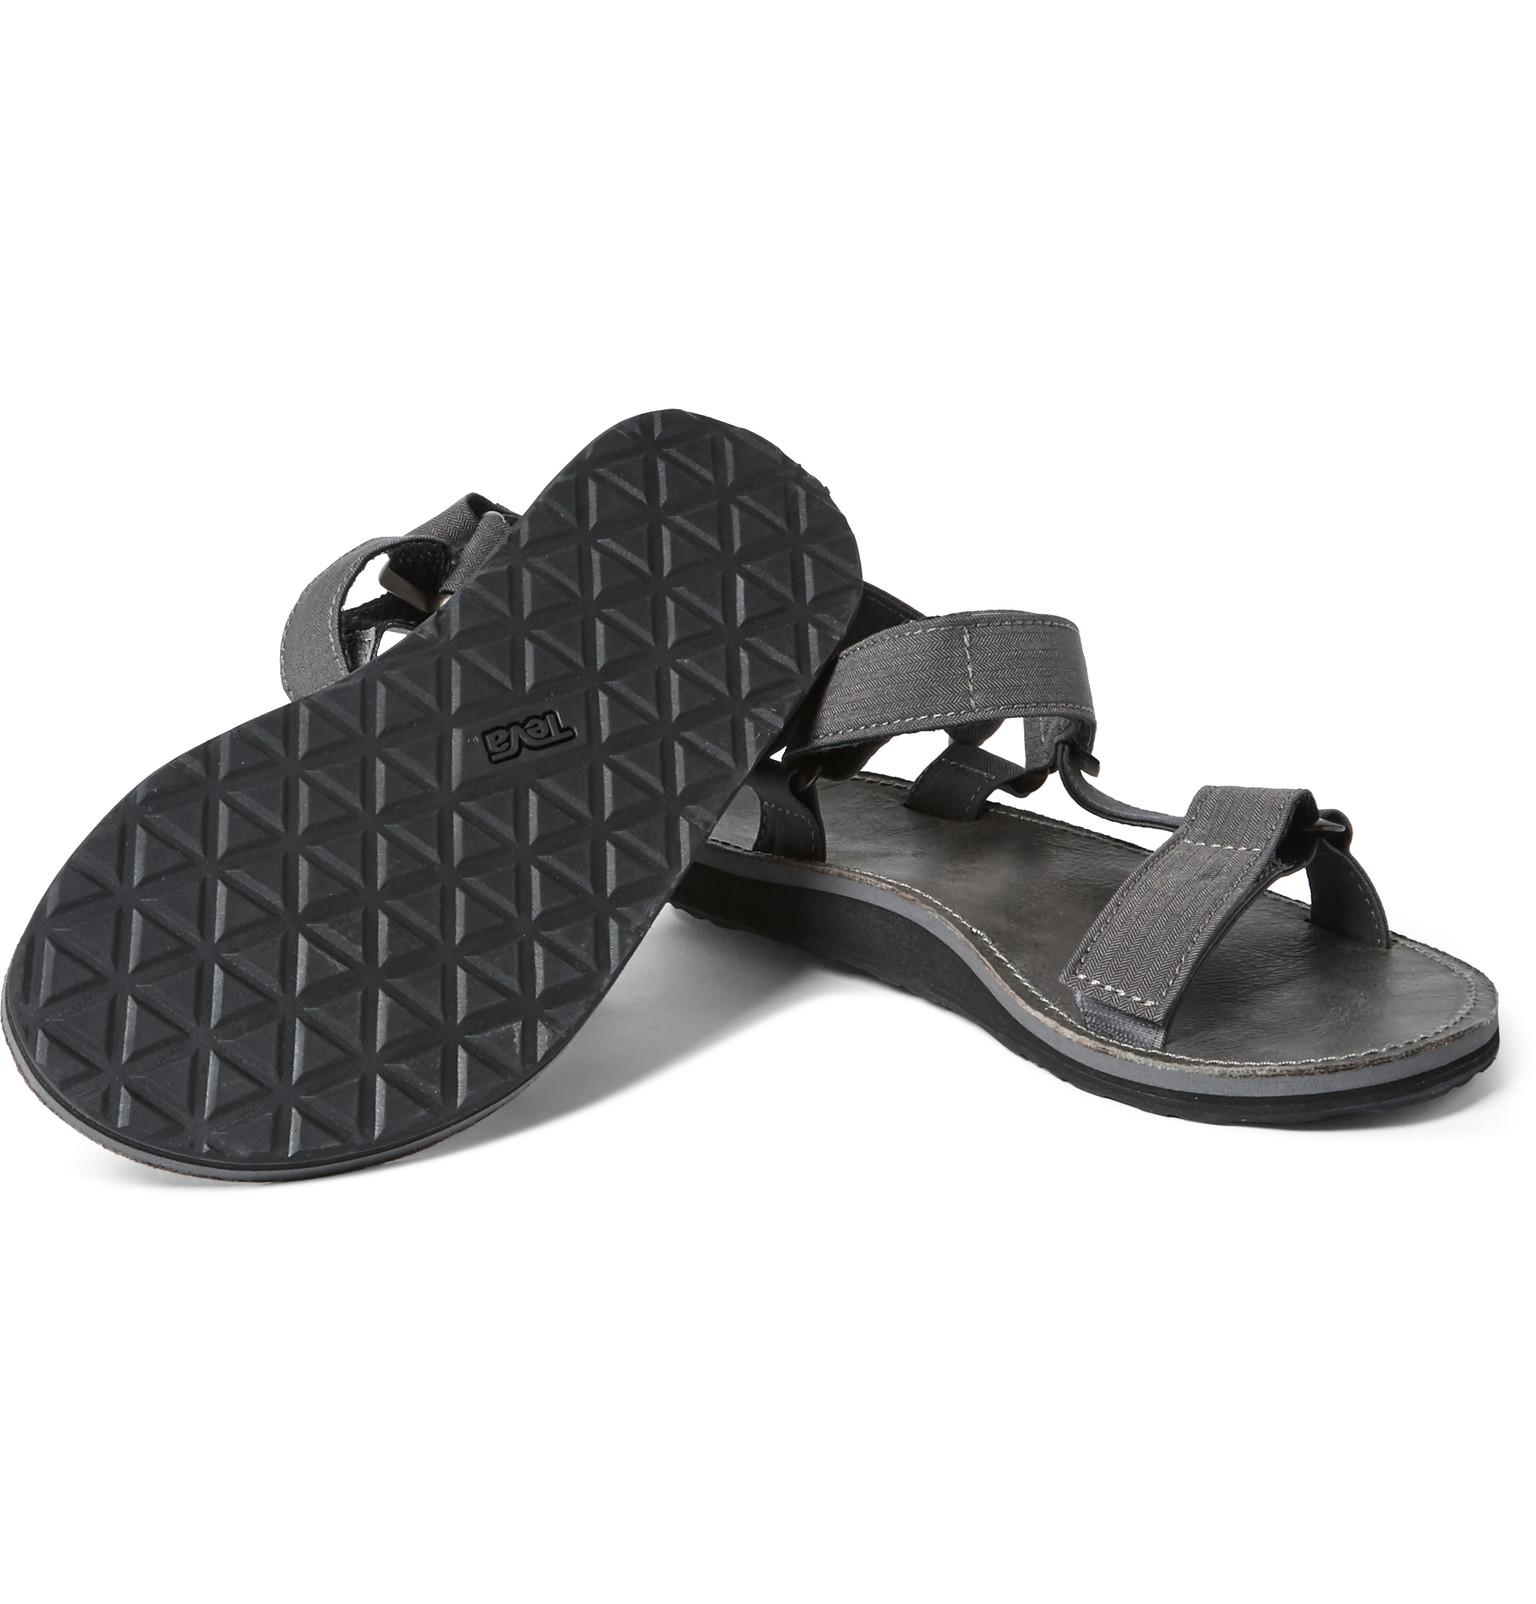 Teva Original Universal Grosgrain And Rubber Sandals in ...